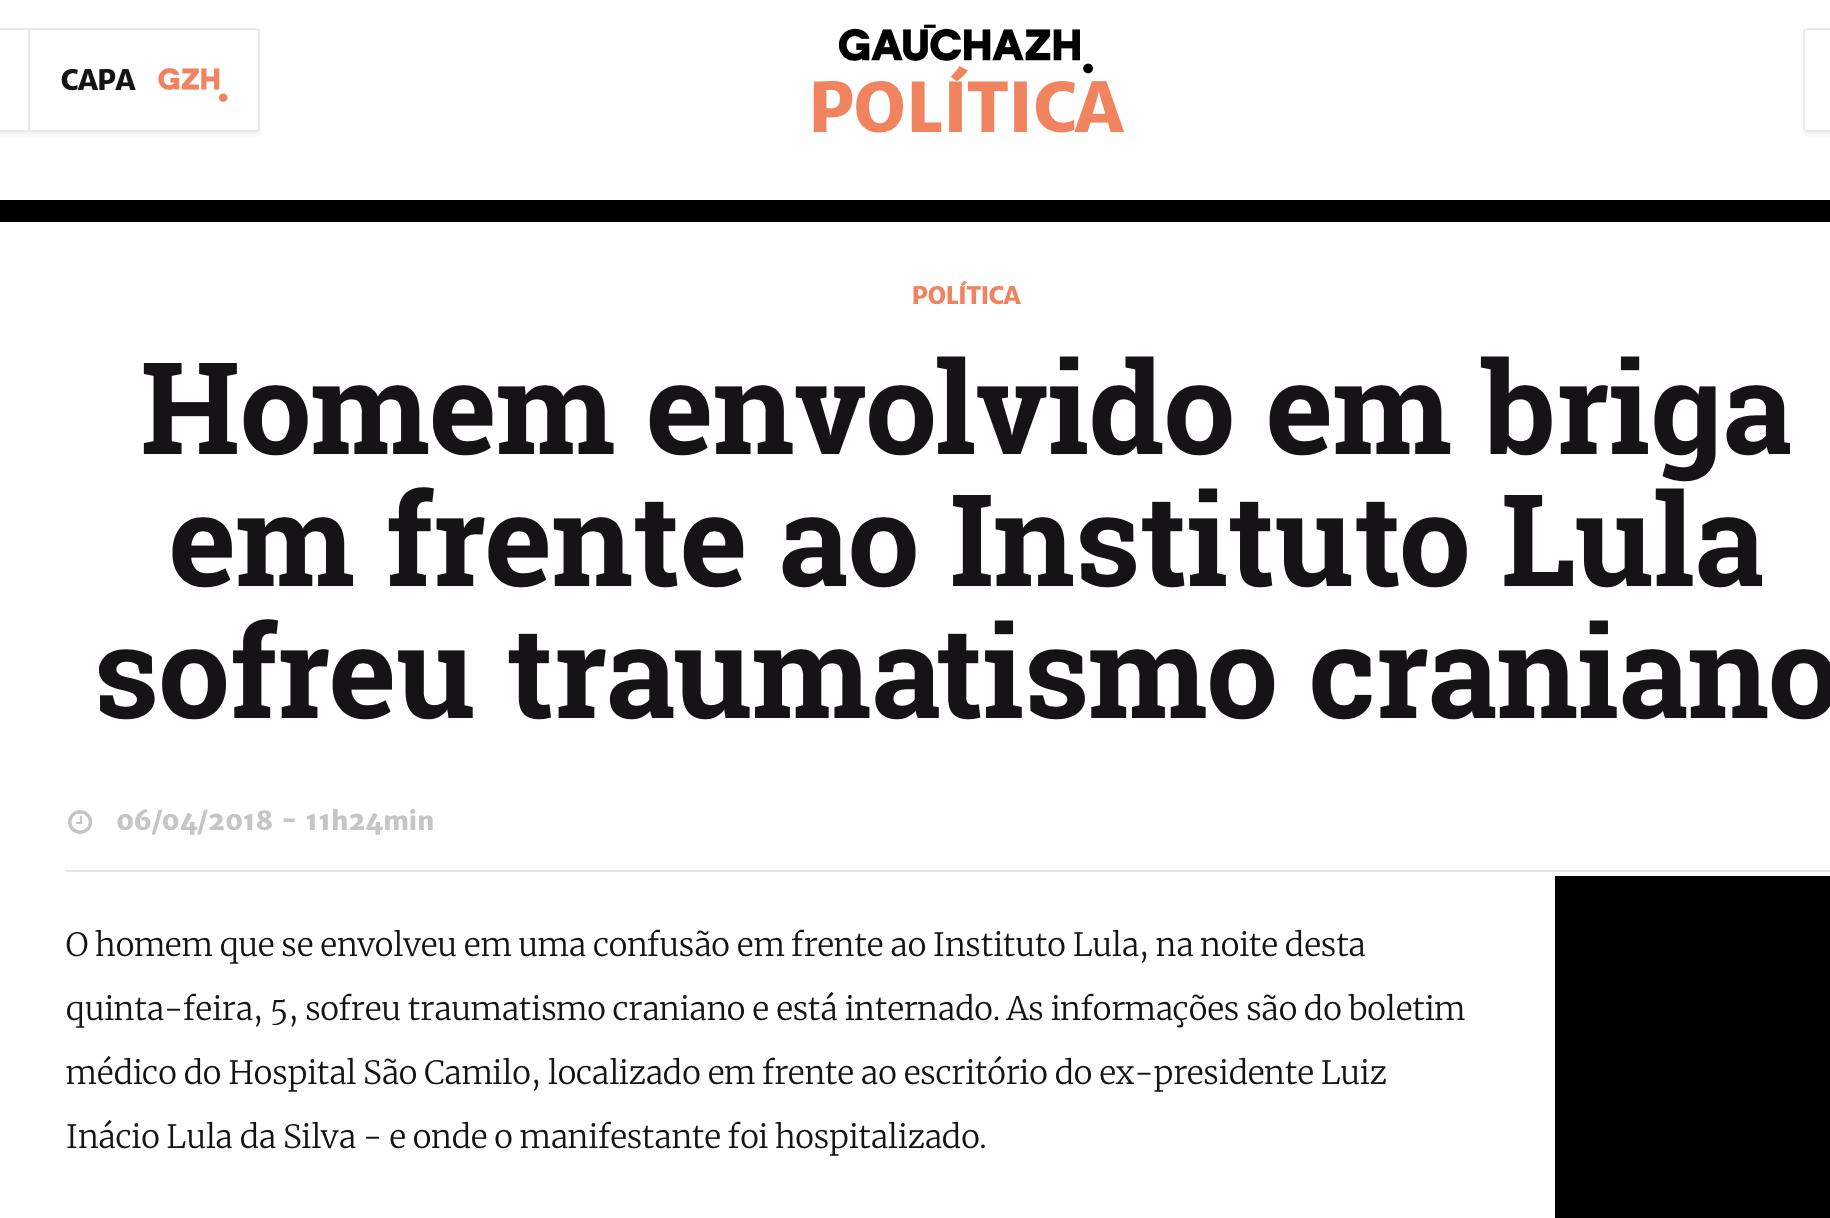 """Zero Hora comenta sobre """"homem envolvido em briga"""" no Instituto Lula"""